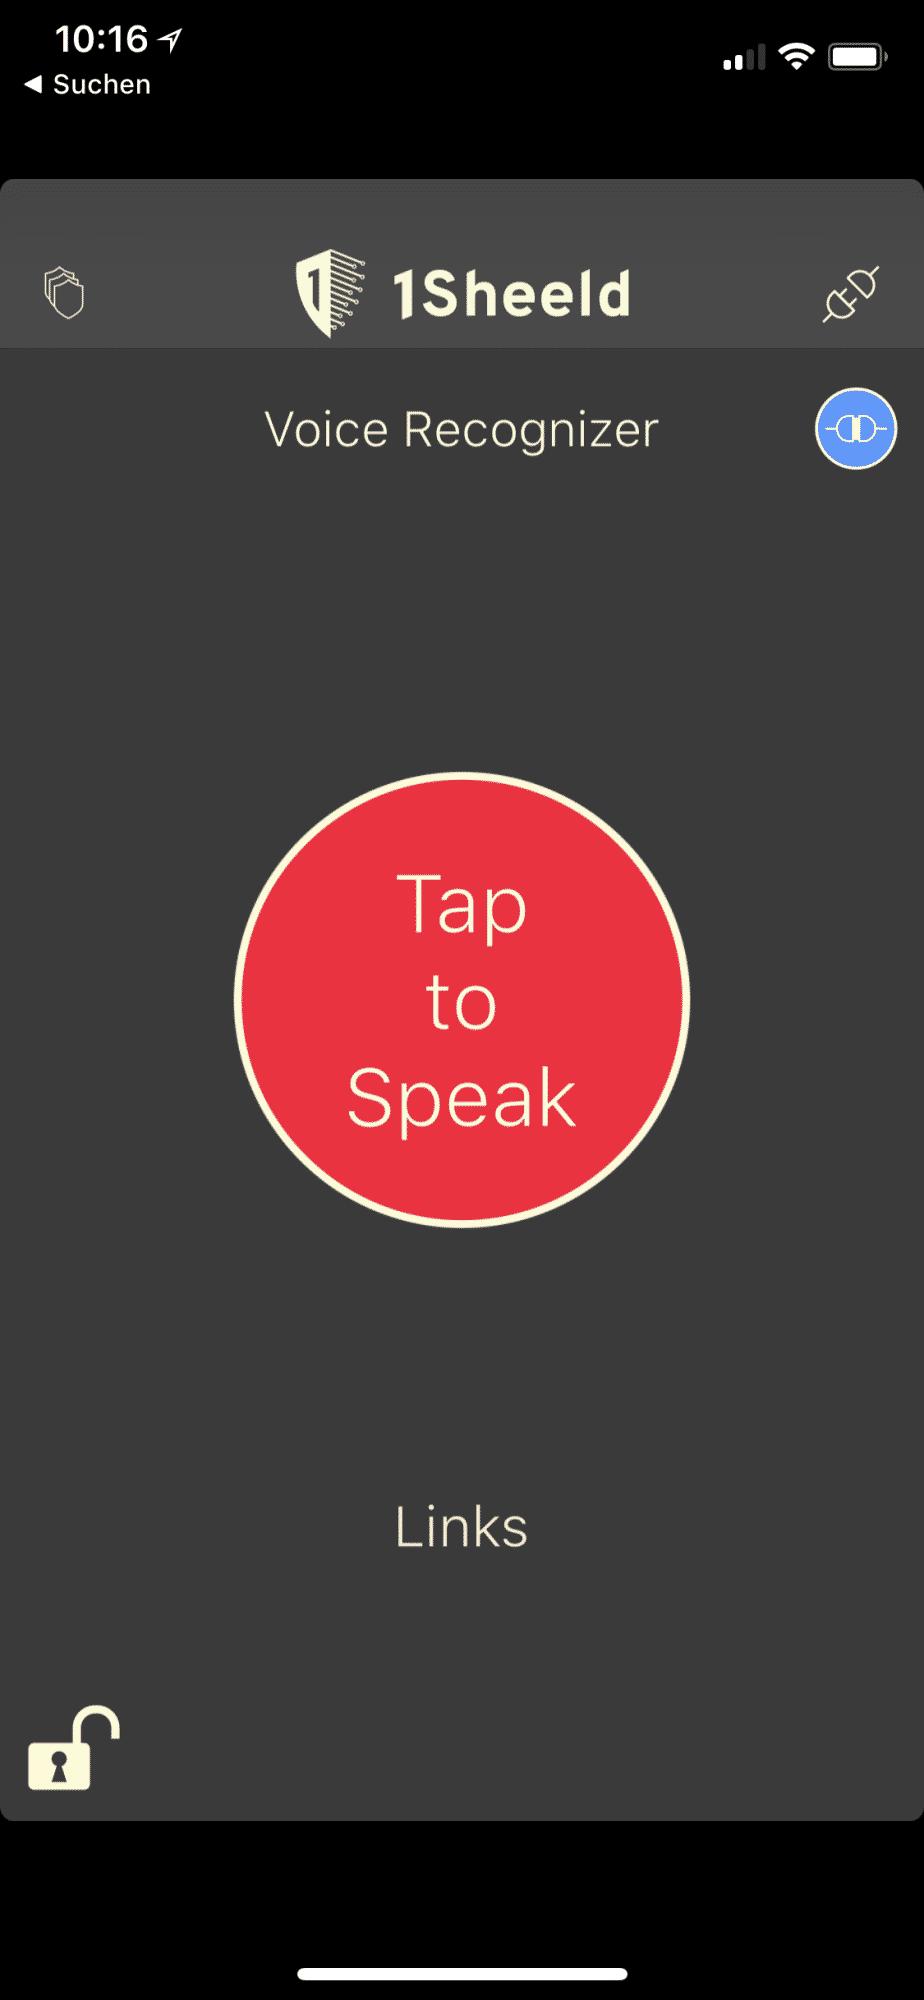 """Schritt 3: Die App hat im Voice Recognizer den Befehl """"links"""" erkannt"""